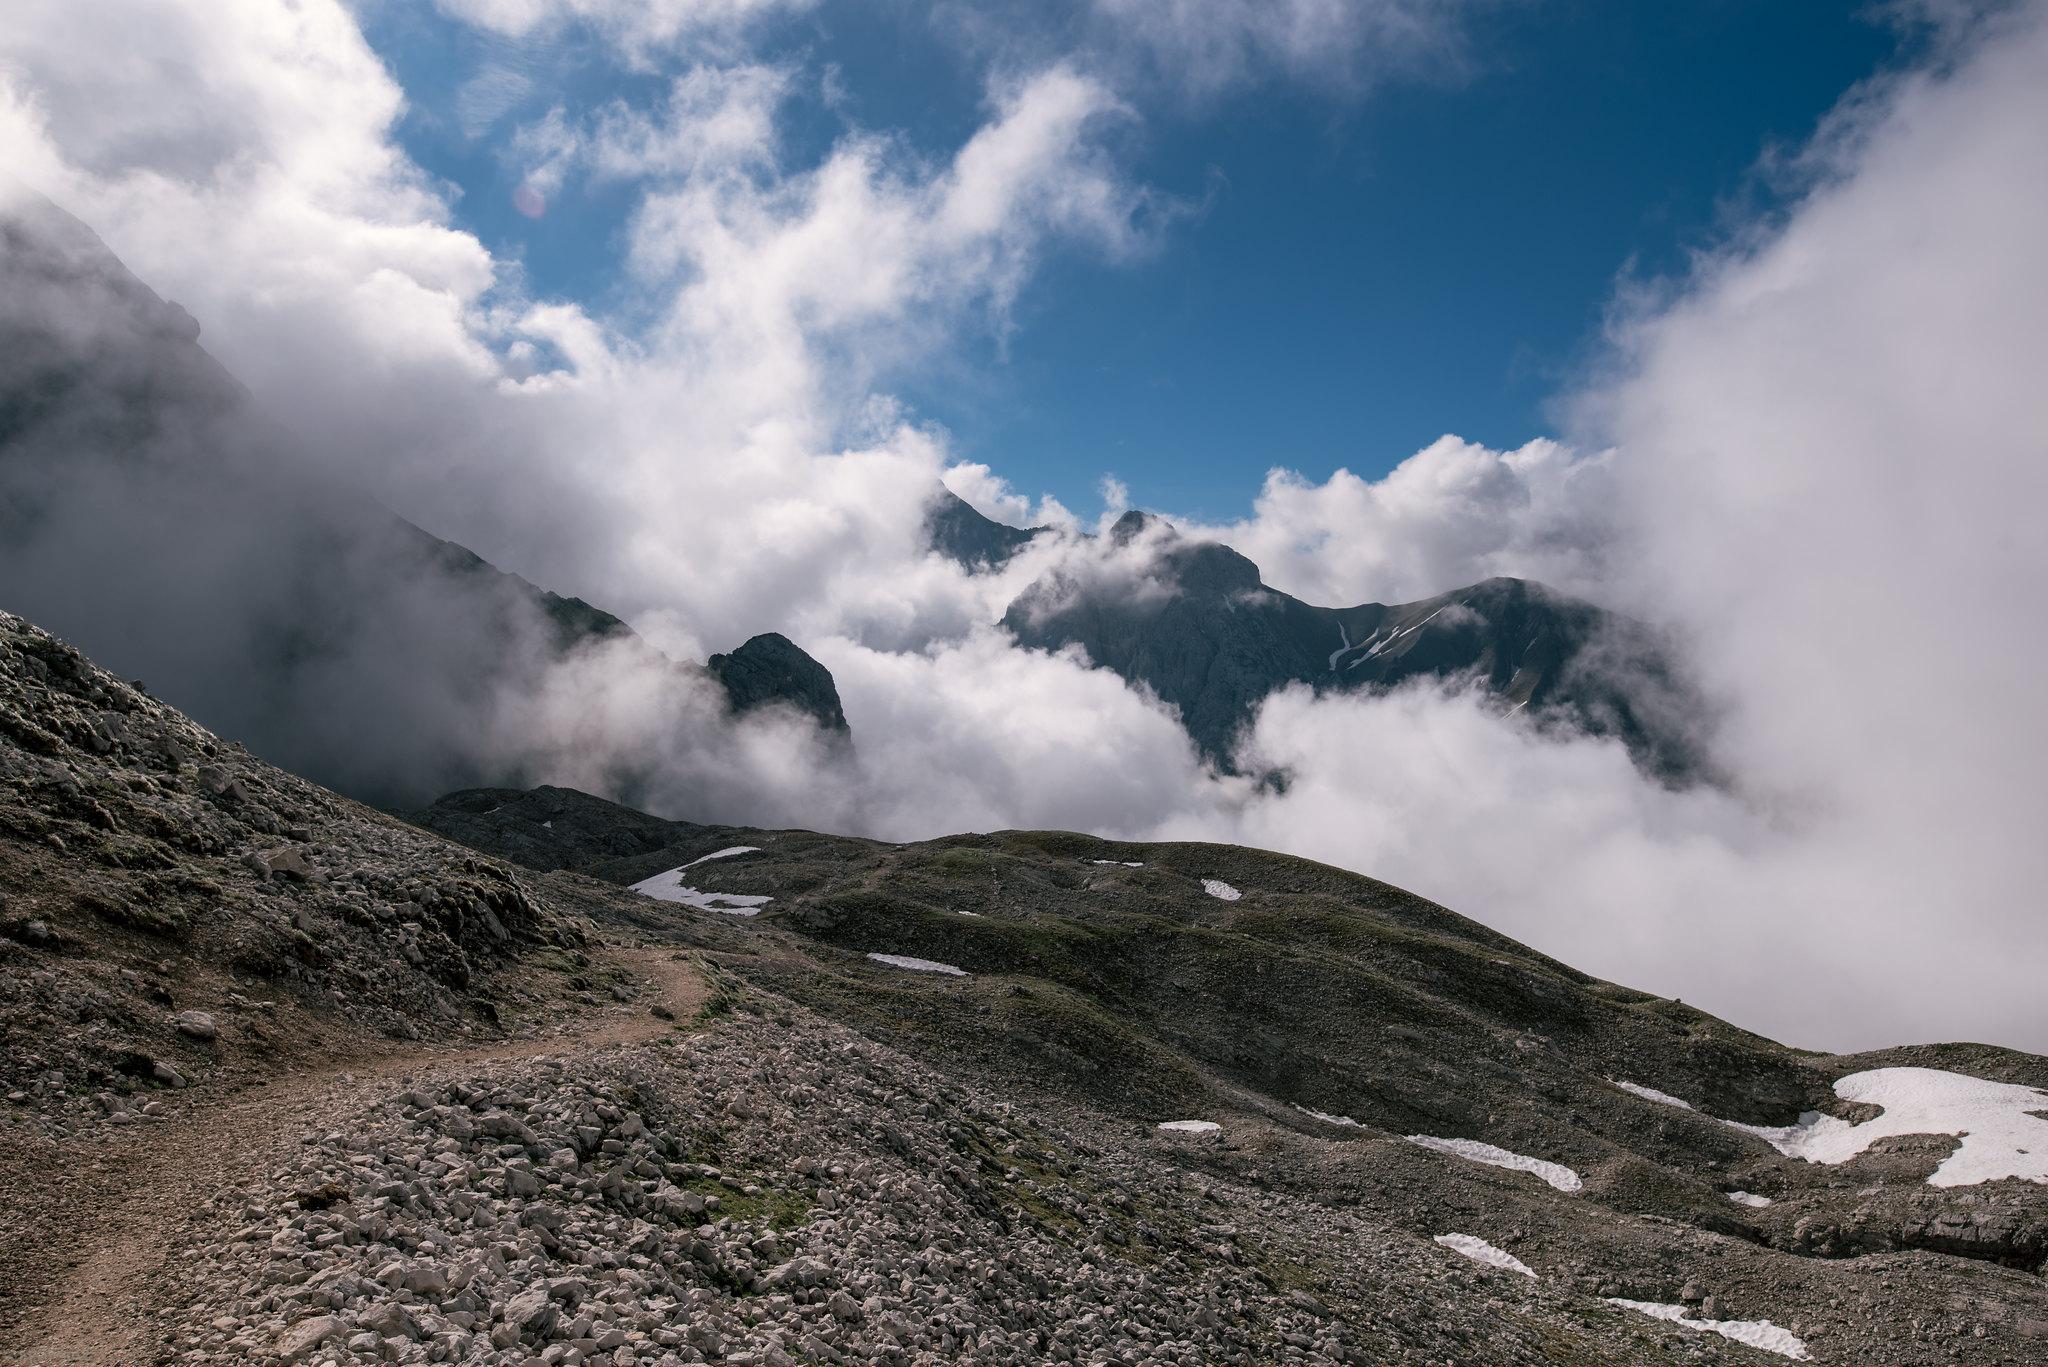 Hikingtrail to the sky